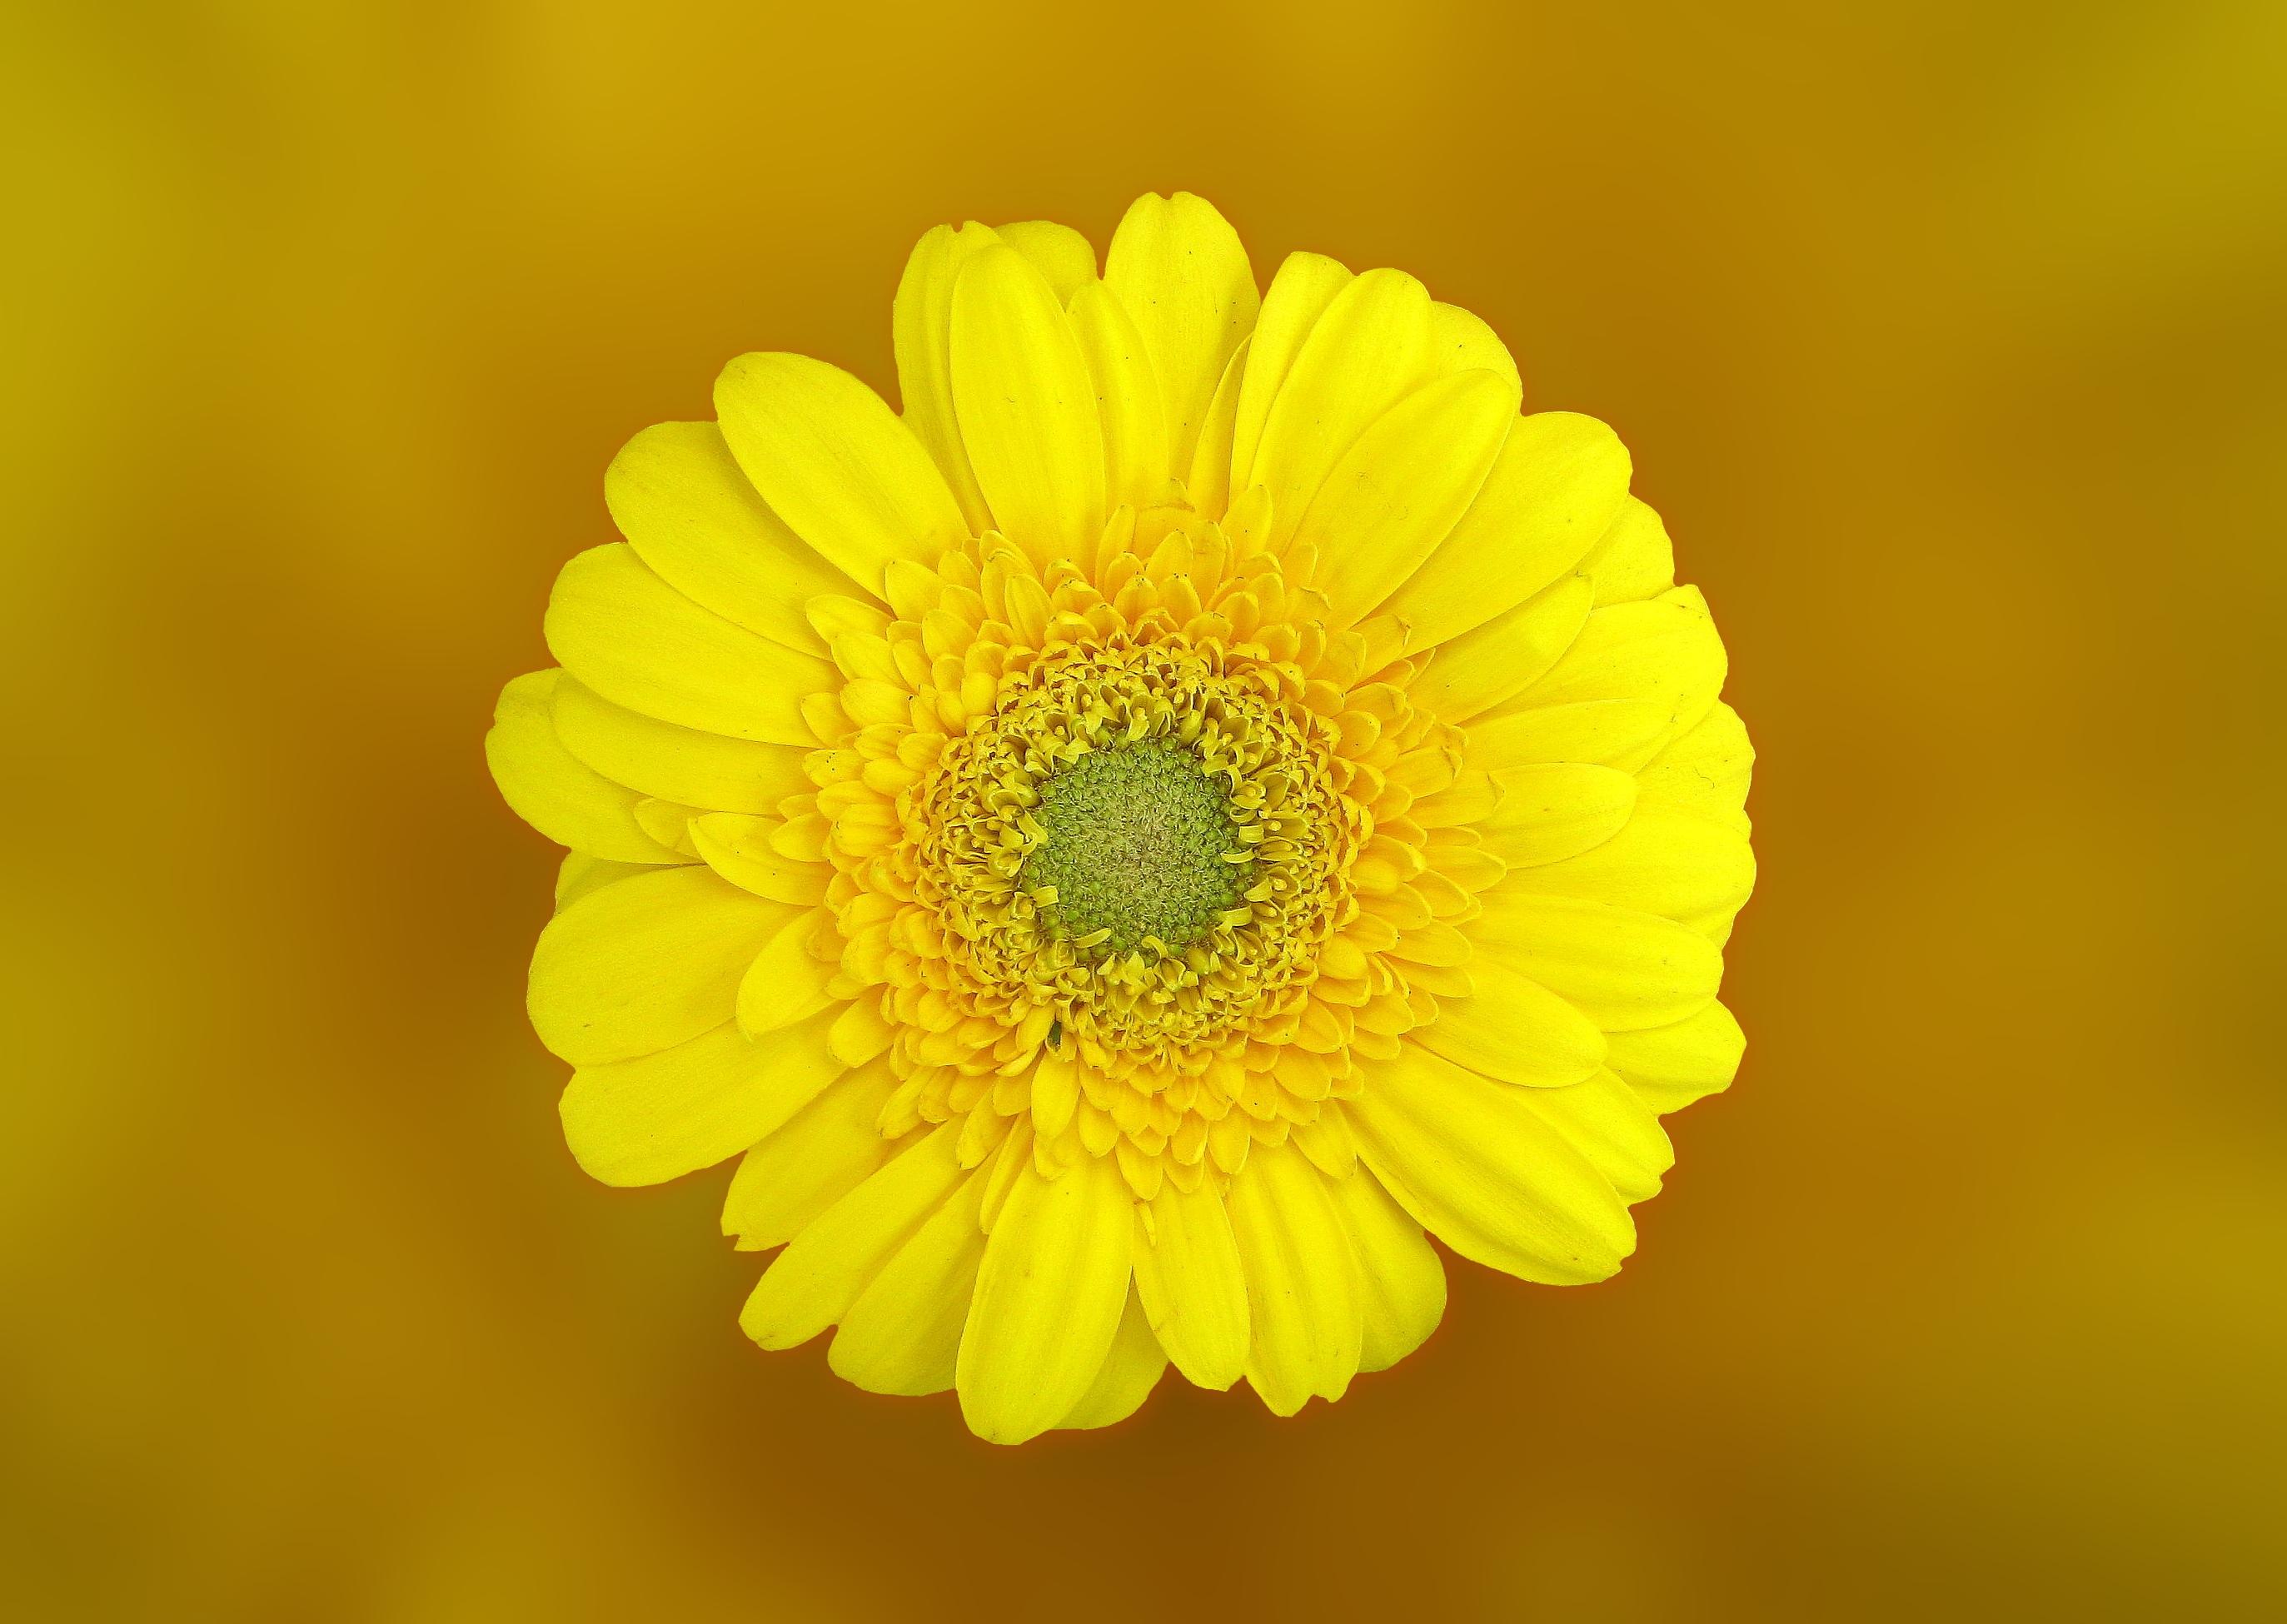 images gratuites la nature fleur la photographie p tale floraison marguerite pollen. Black Bedroom Furniture Sets. Home Design Ideas